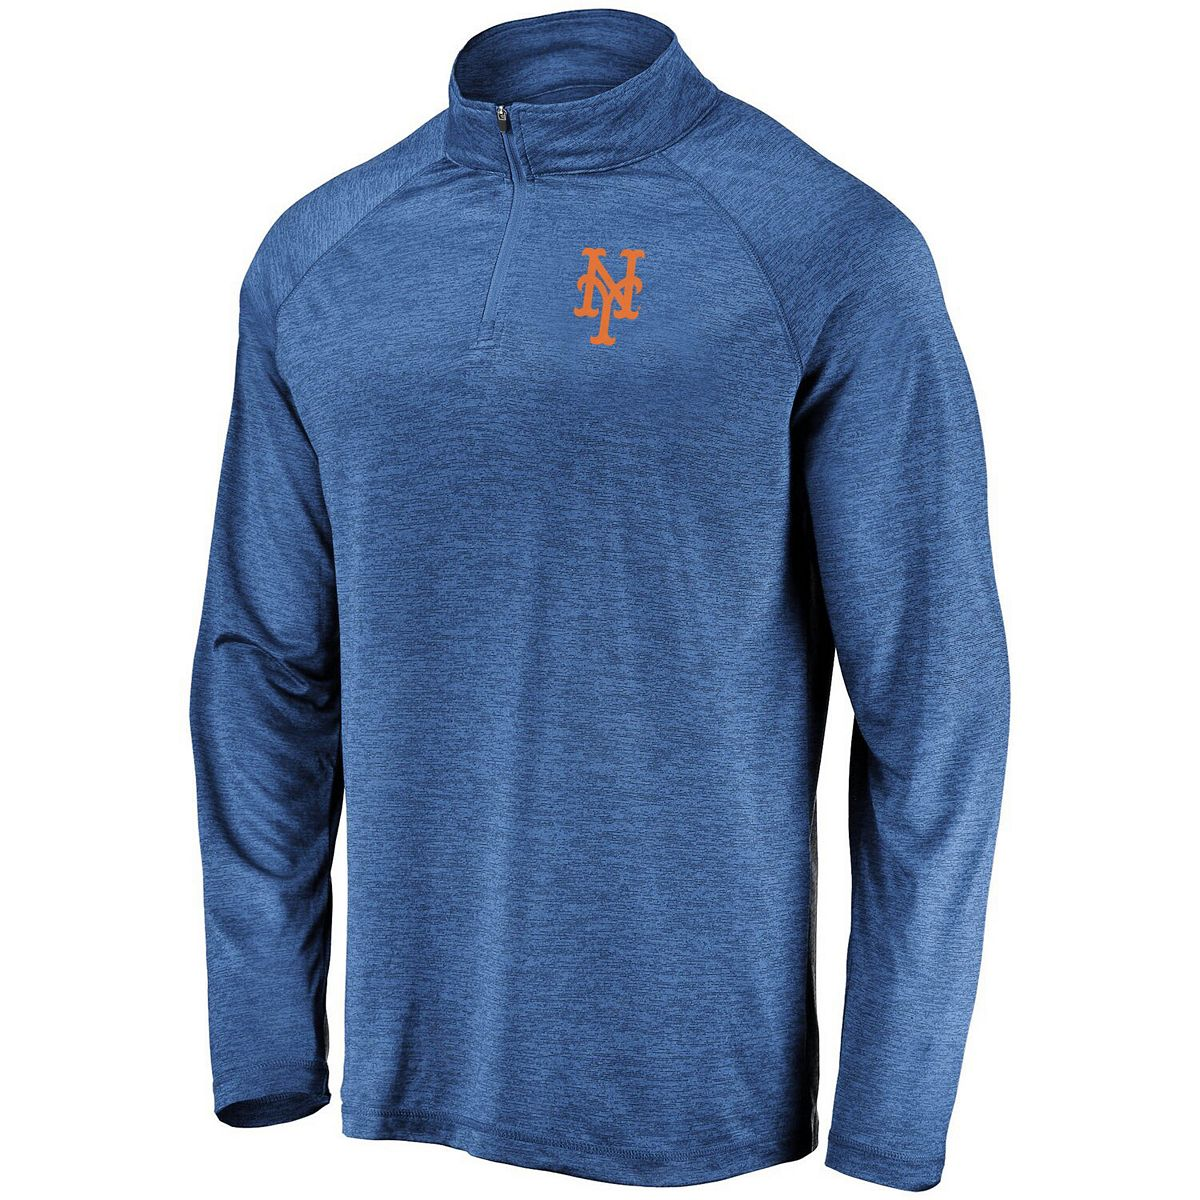 Men's Majestic Royal New York Mets Contenders Welcome Quarter-Zip Mock Neck Pullover Jacket GDGJP